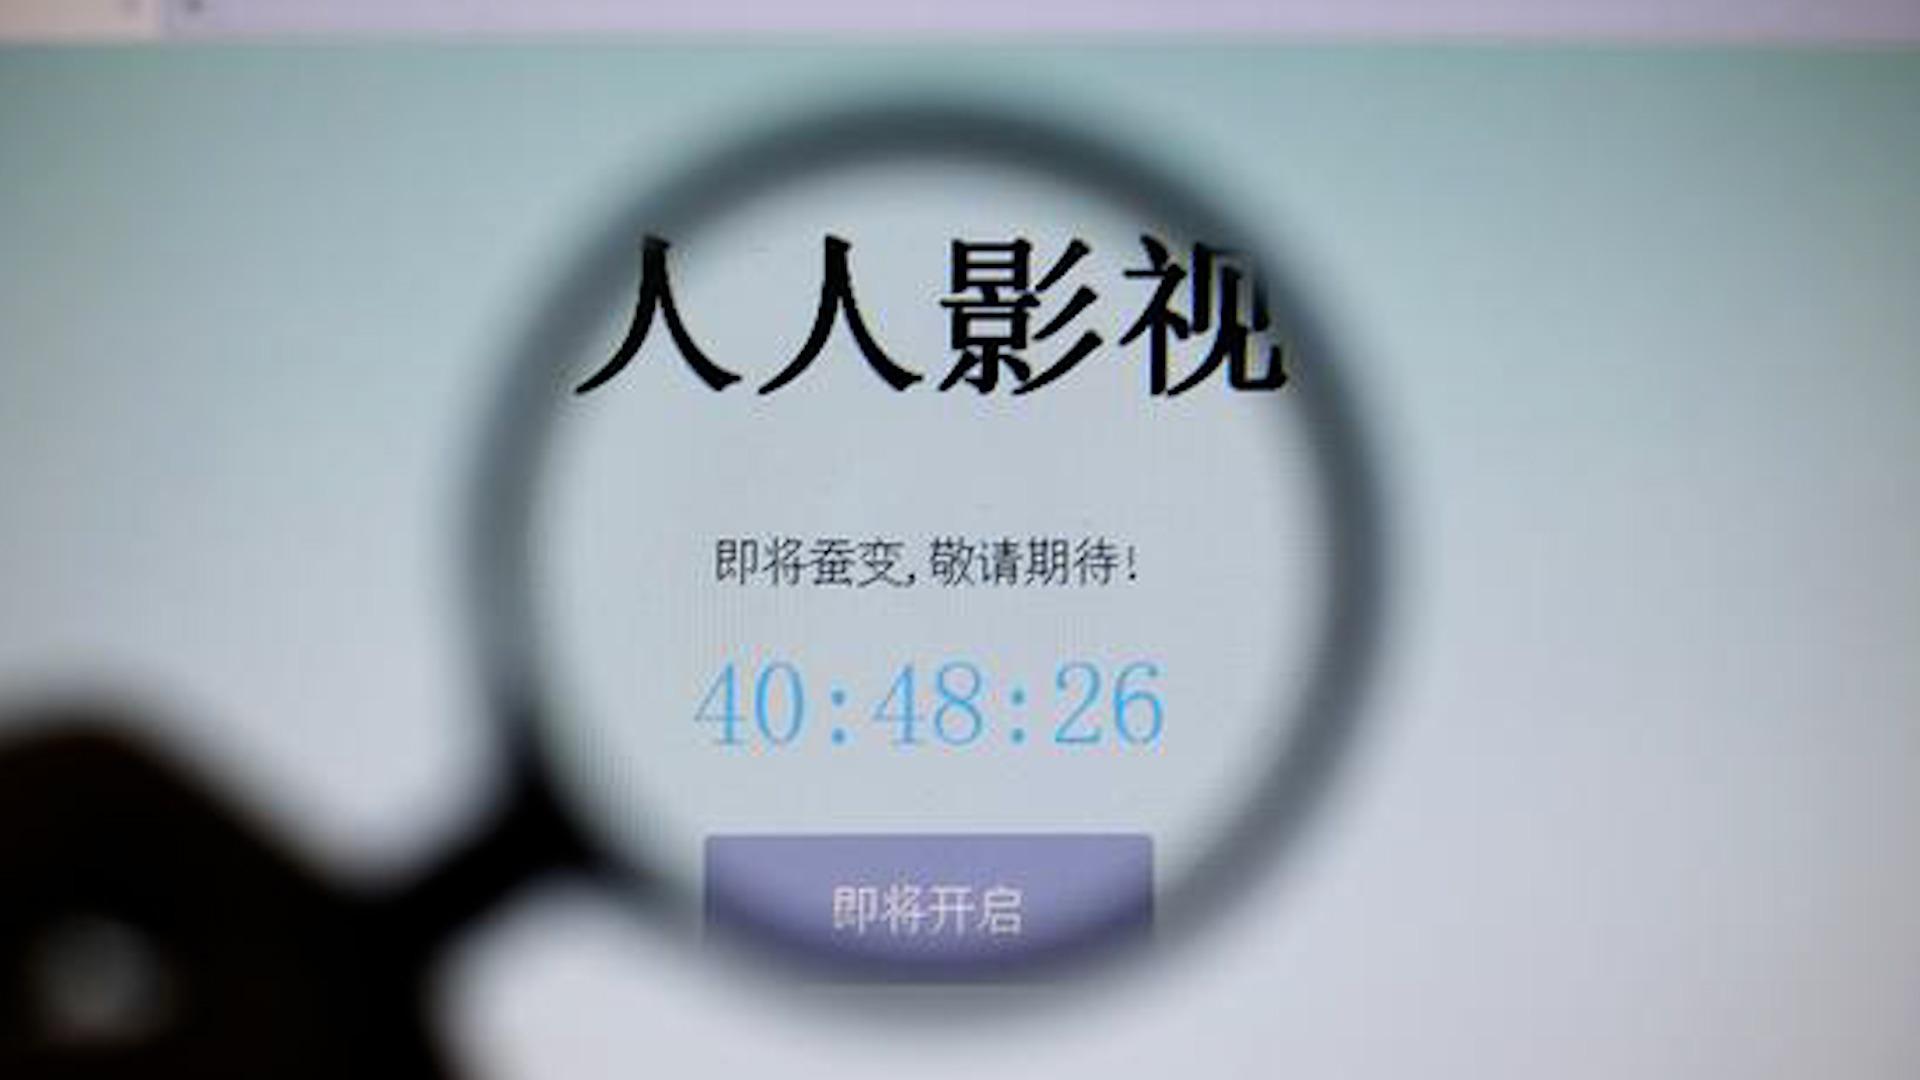 注册用户800余万、侵权作品超2万部,人人影视被查